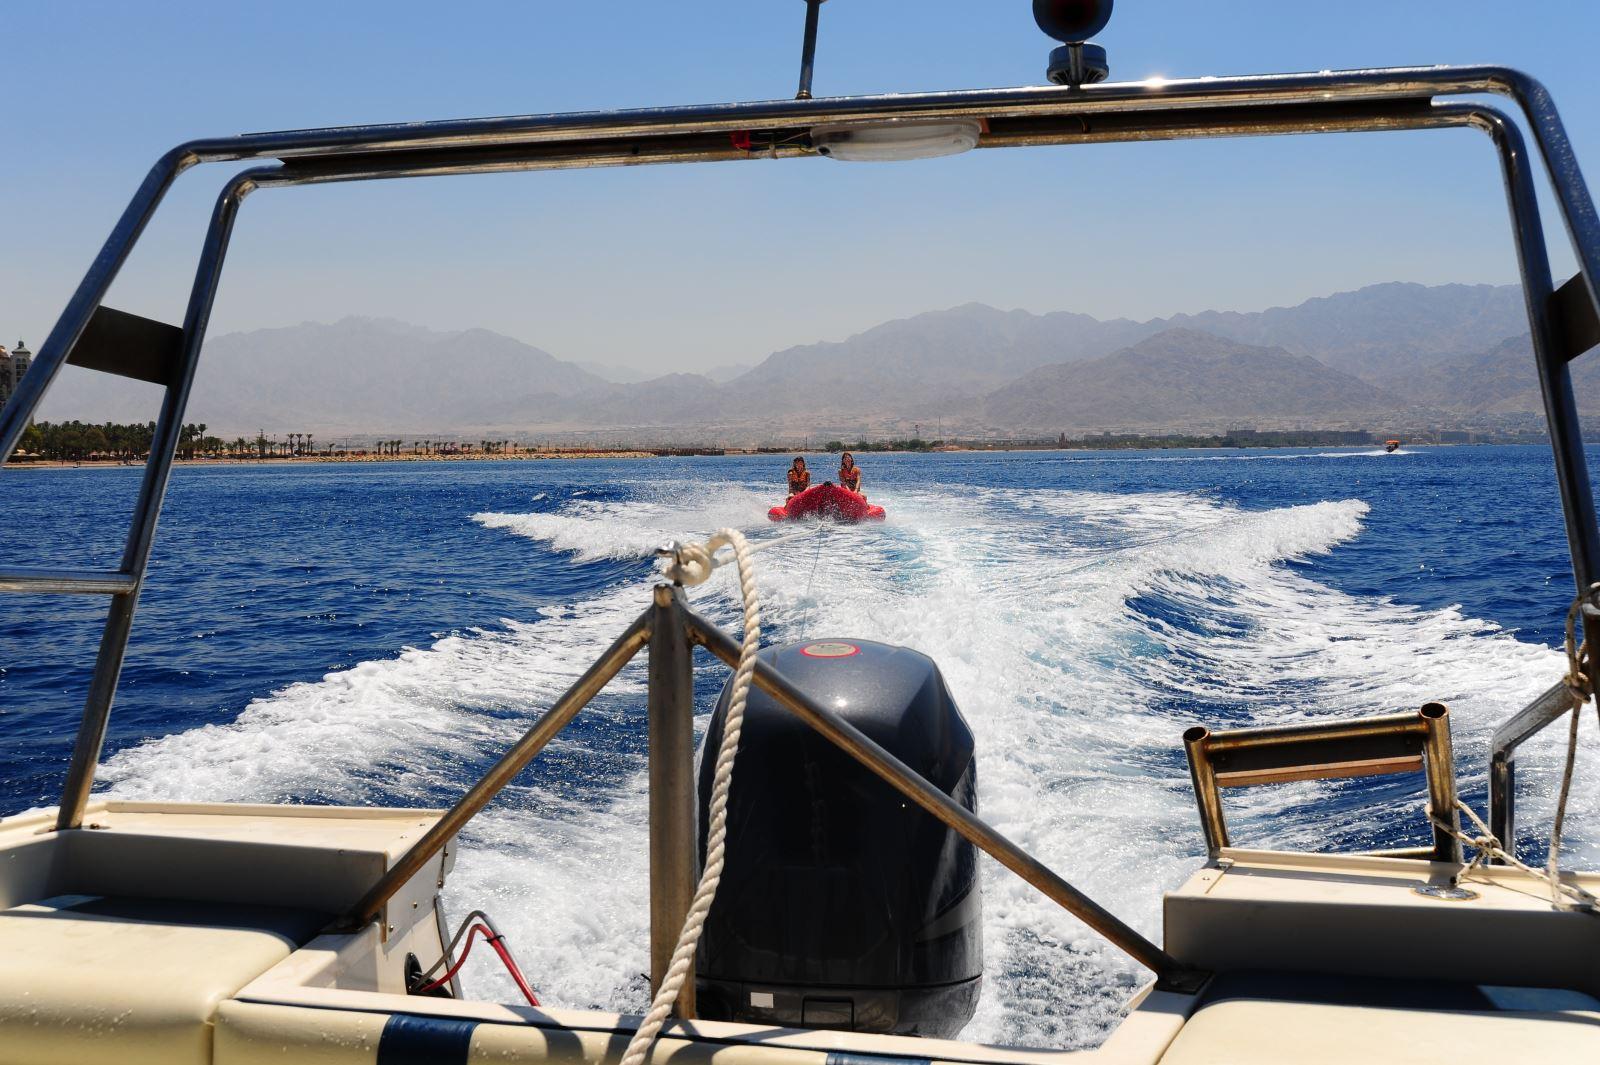 צעיר נפצע ממדחף של סירה באילת – מצבו בינוני